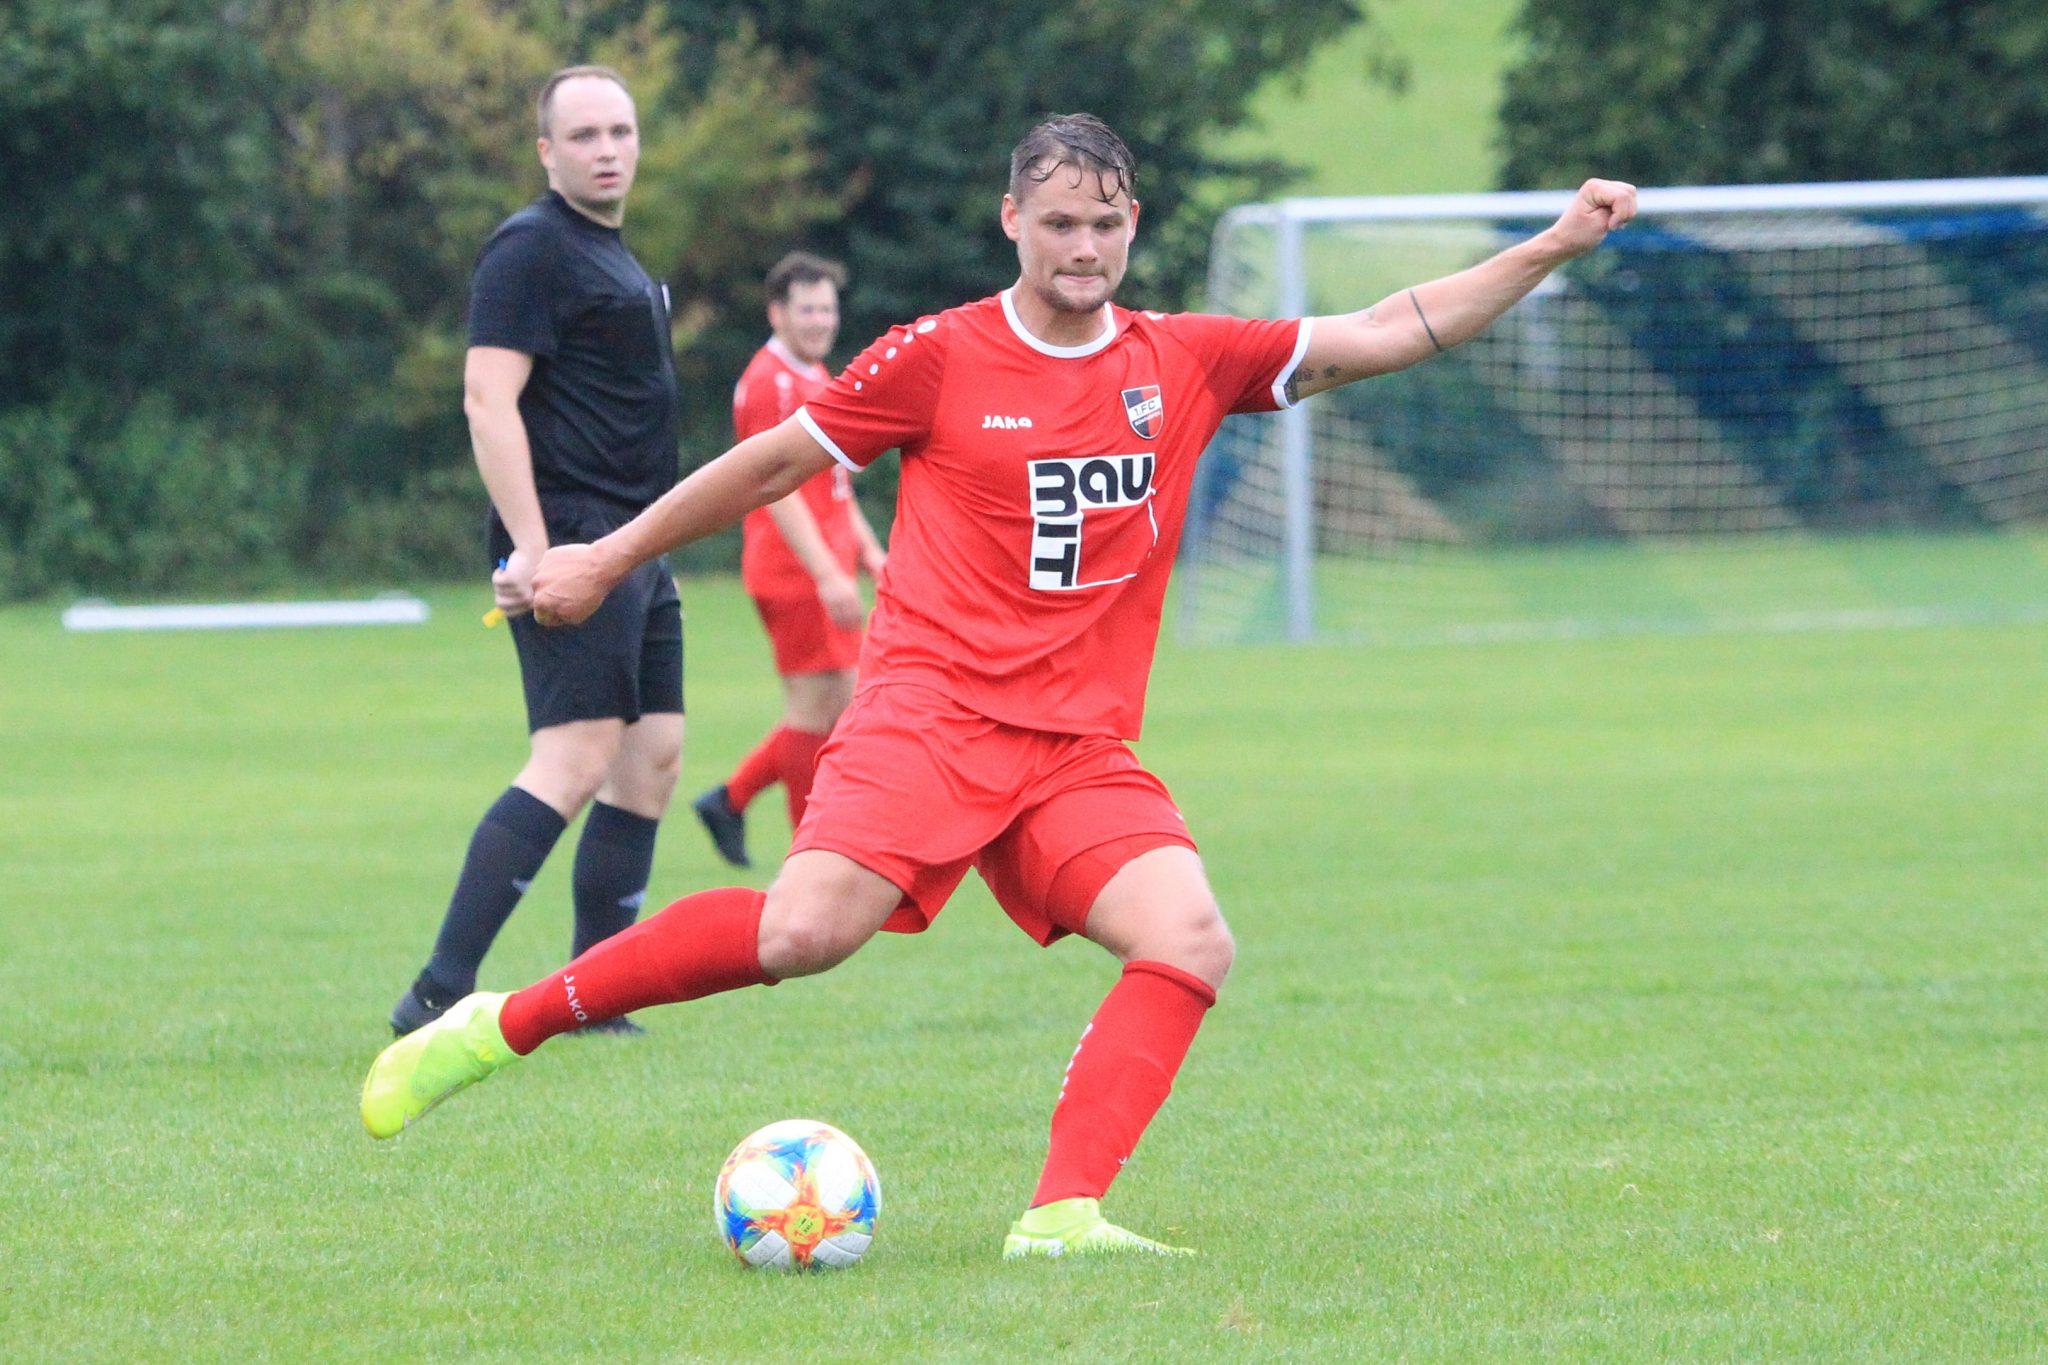 FC Memmingen – 1.FC Sonthofen 4:3 (2:1)